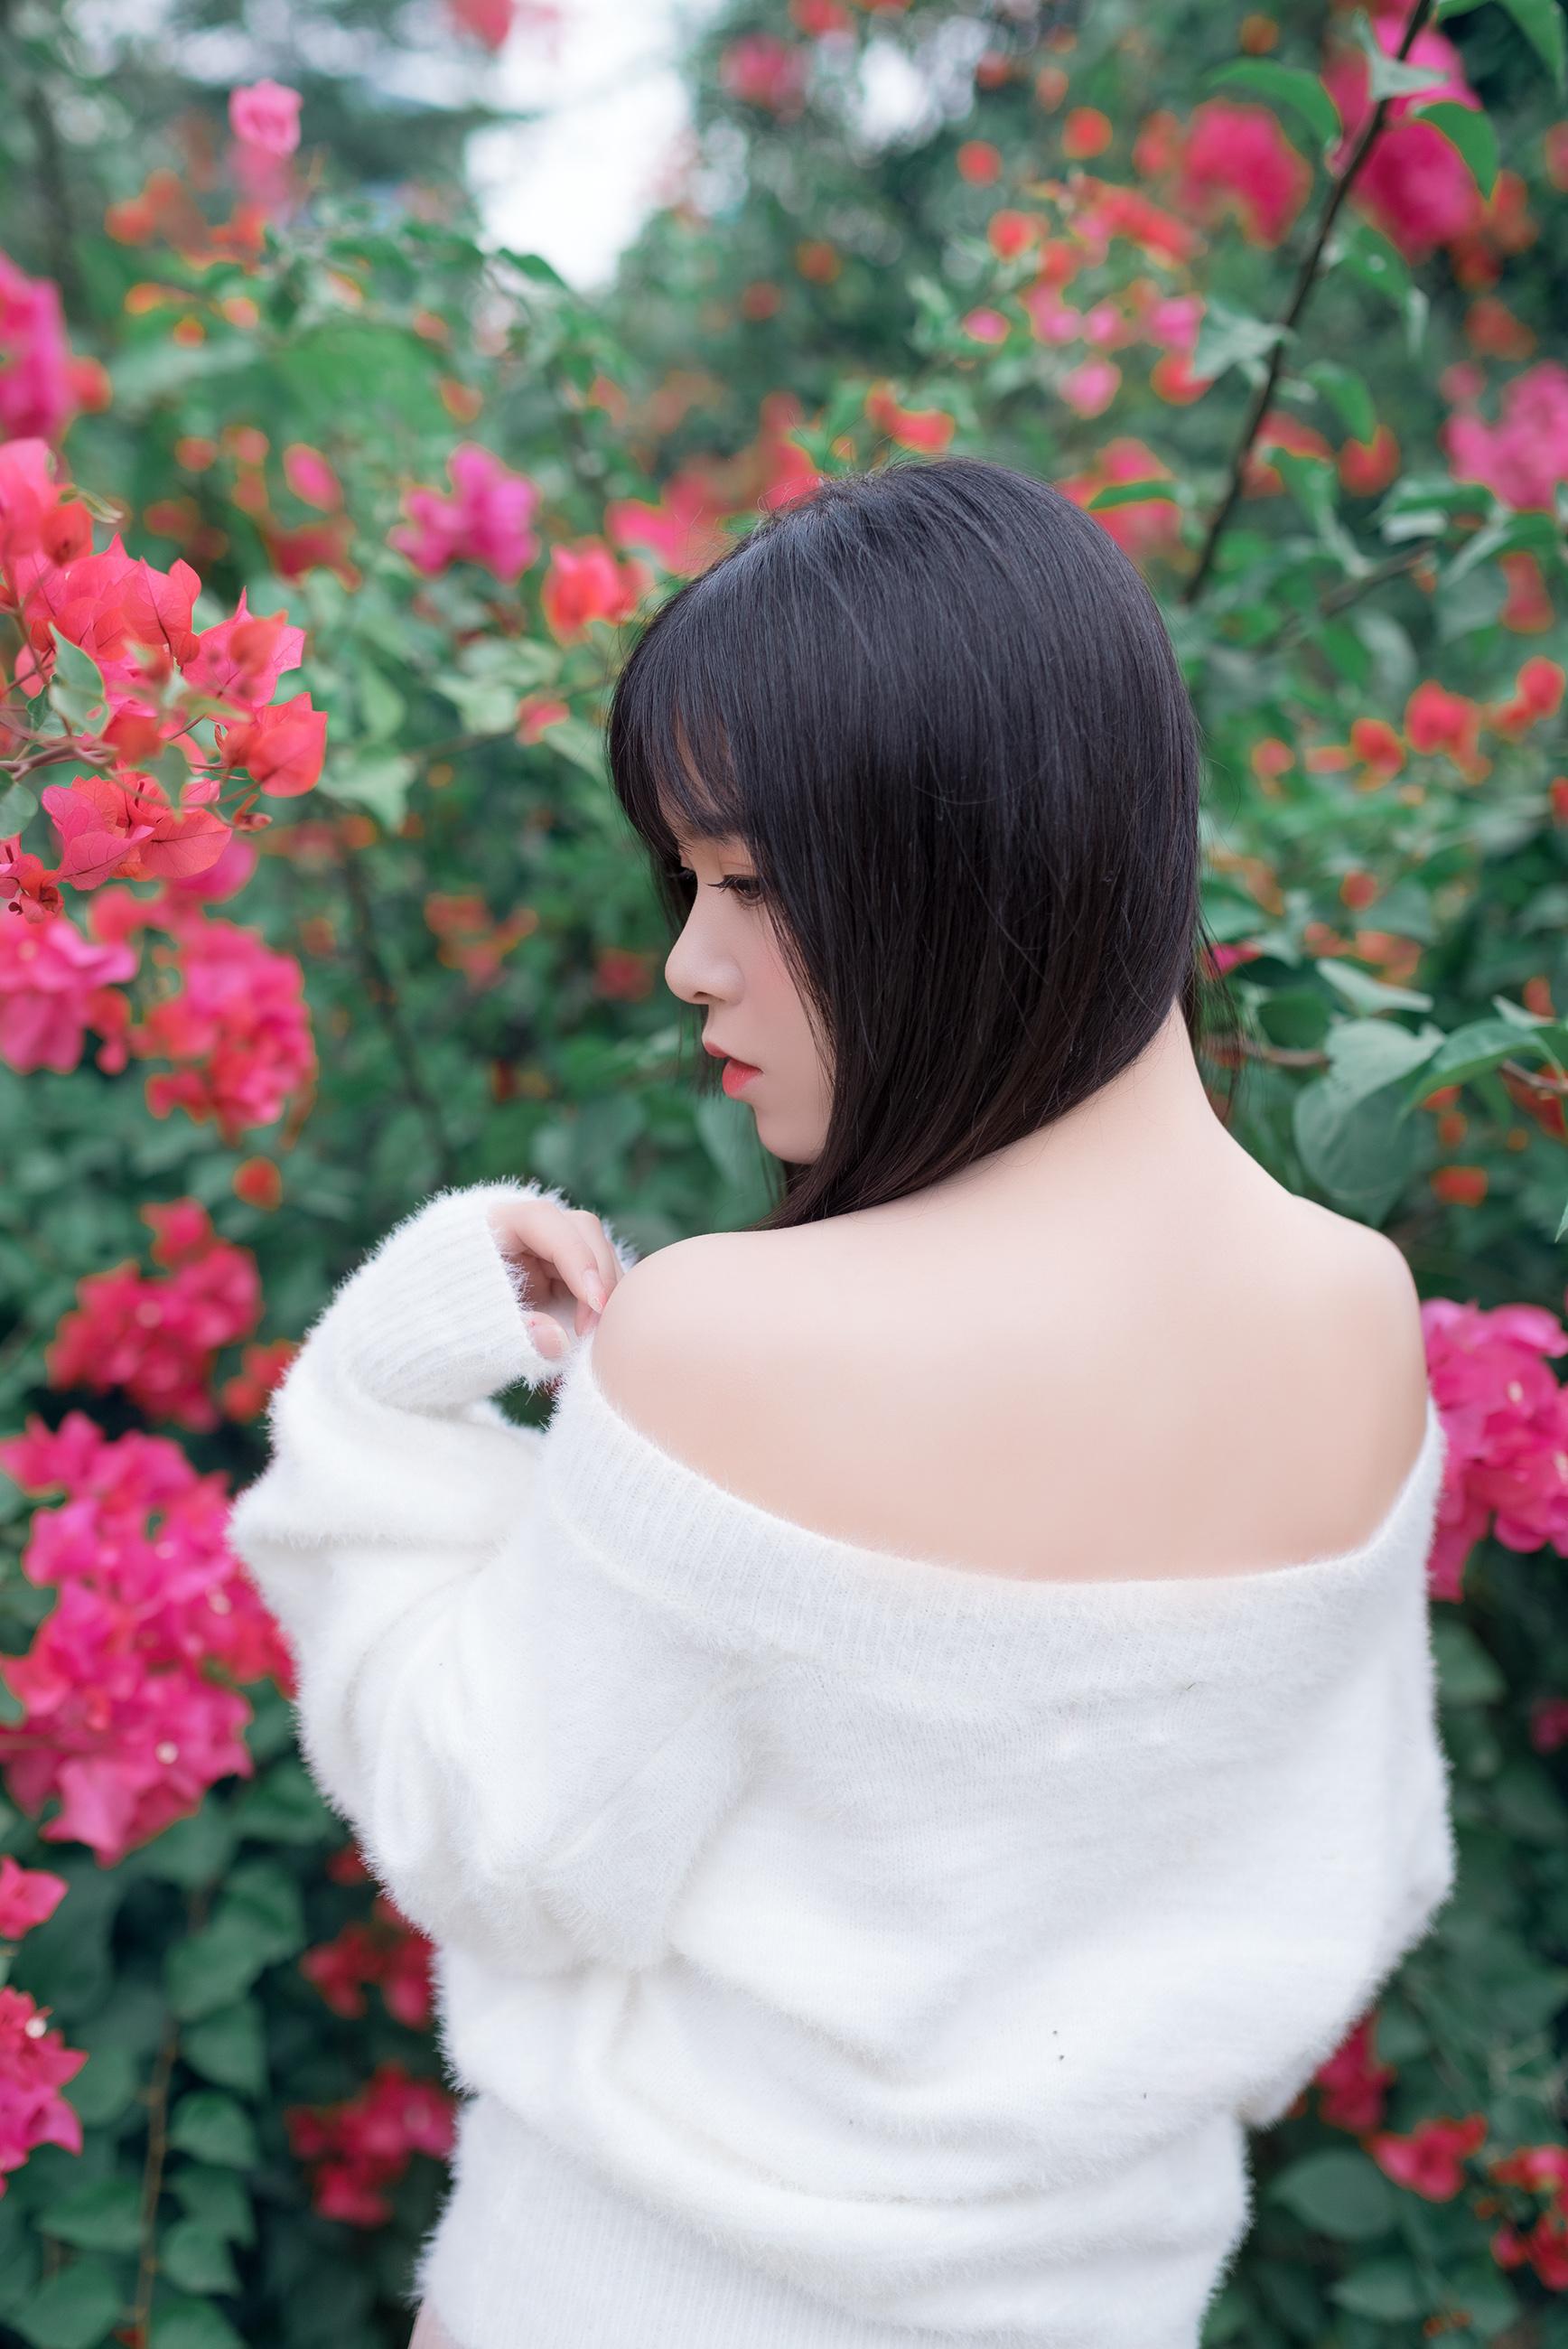 q7J2hUep o - 肩上的花